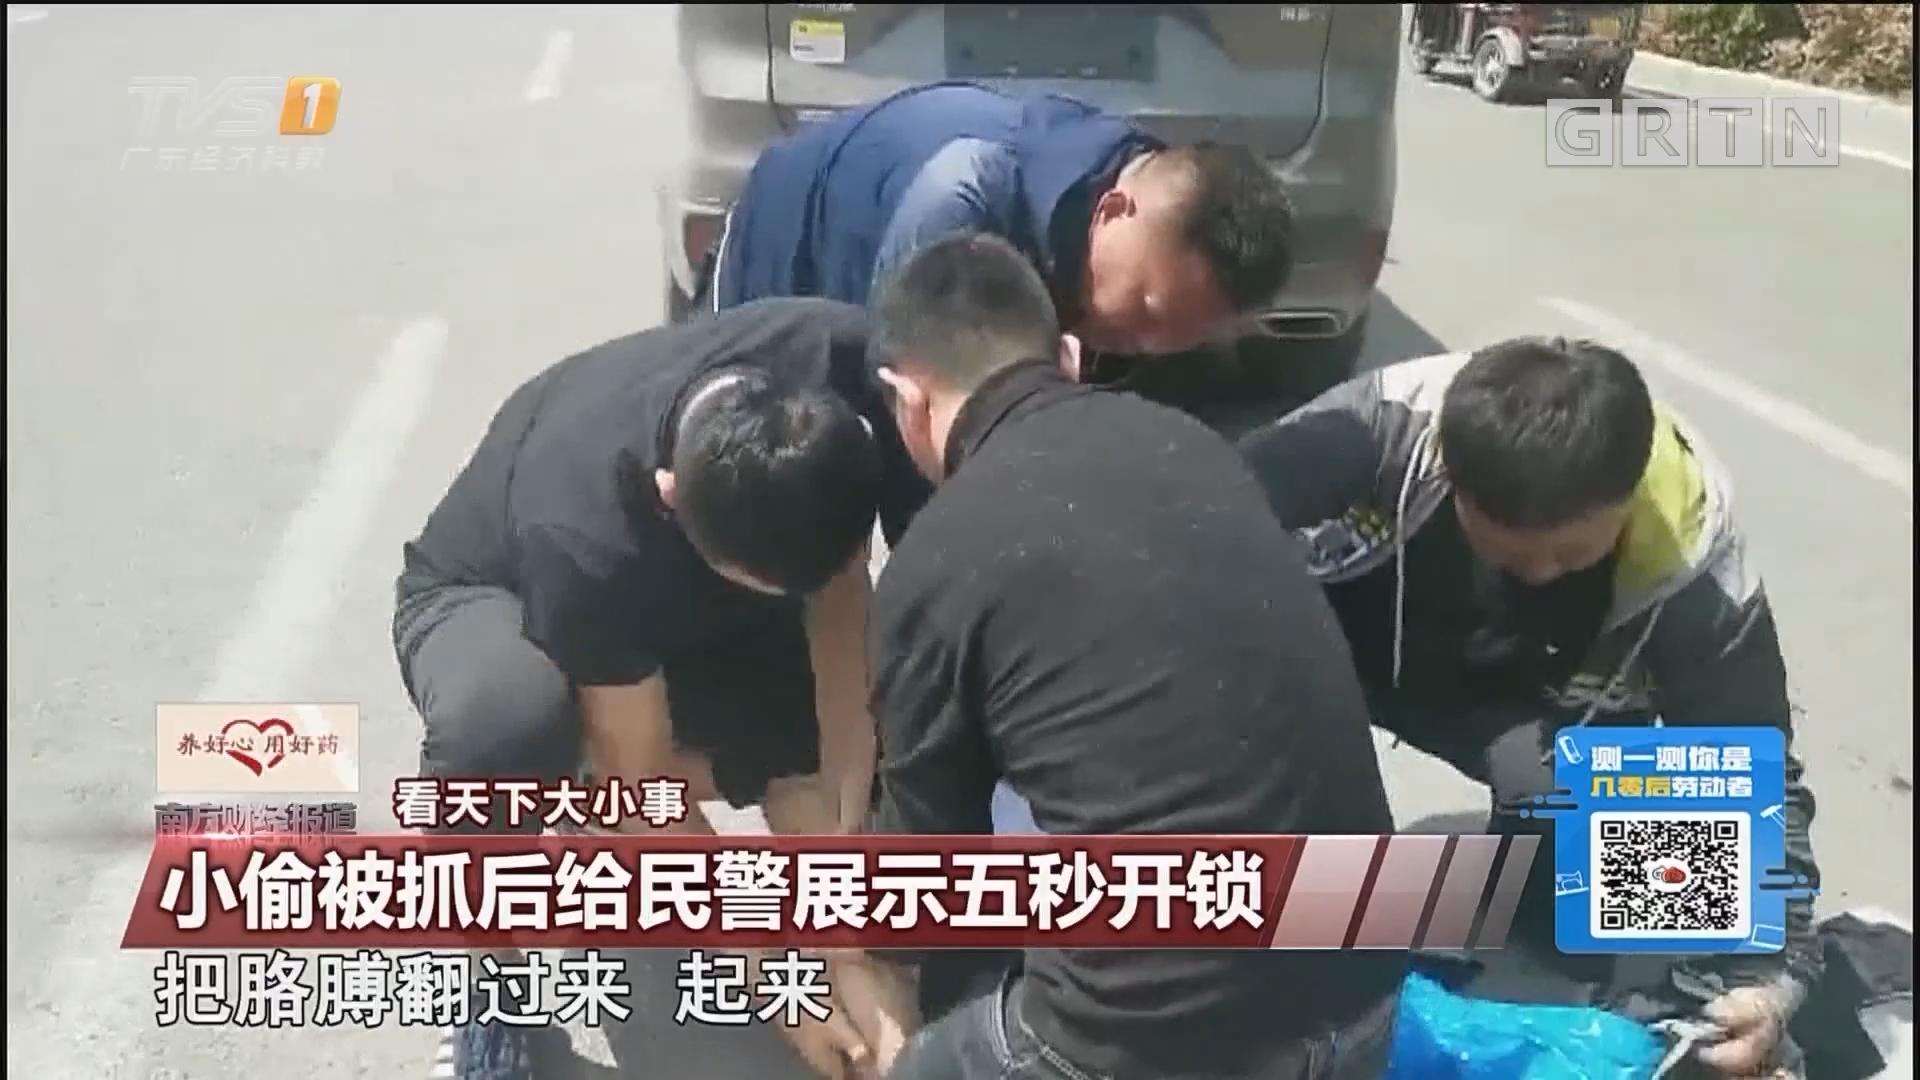 小偷被抓后给民警展示五秒开锁